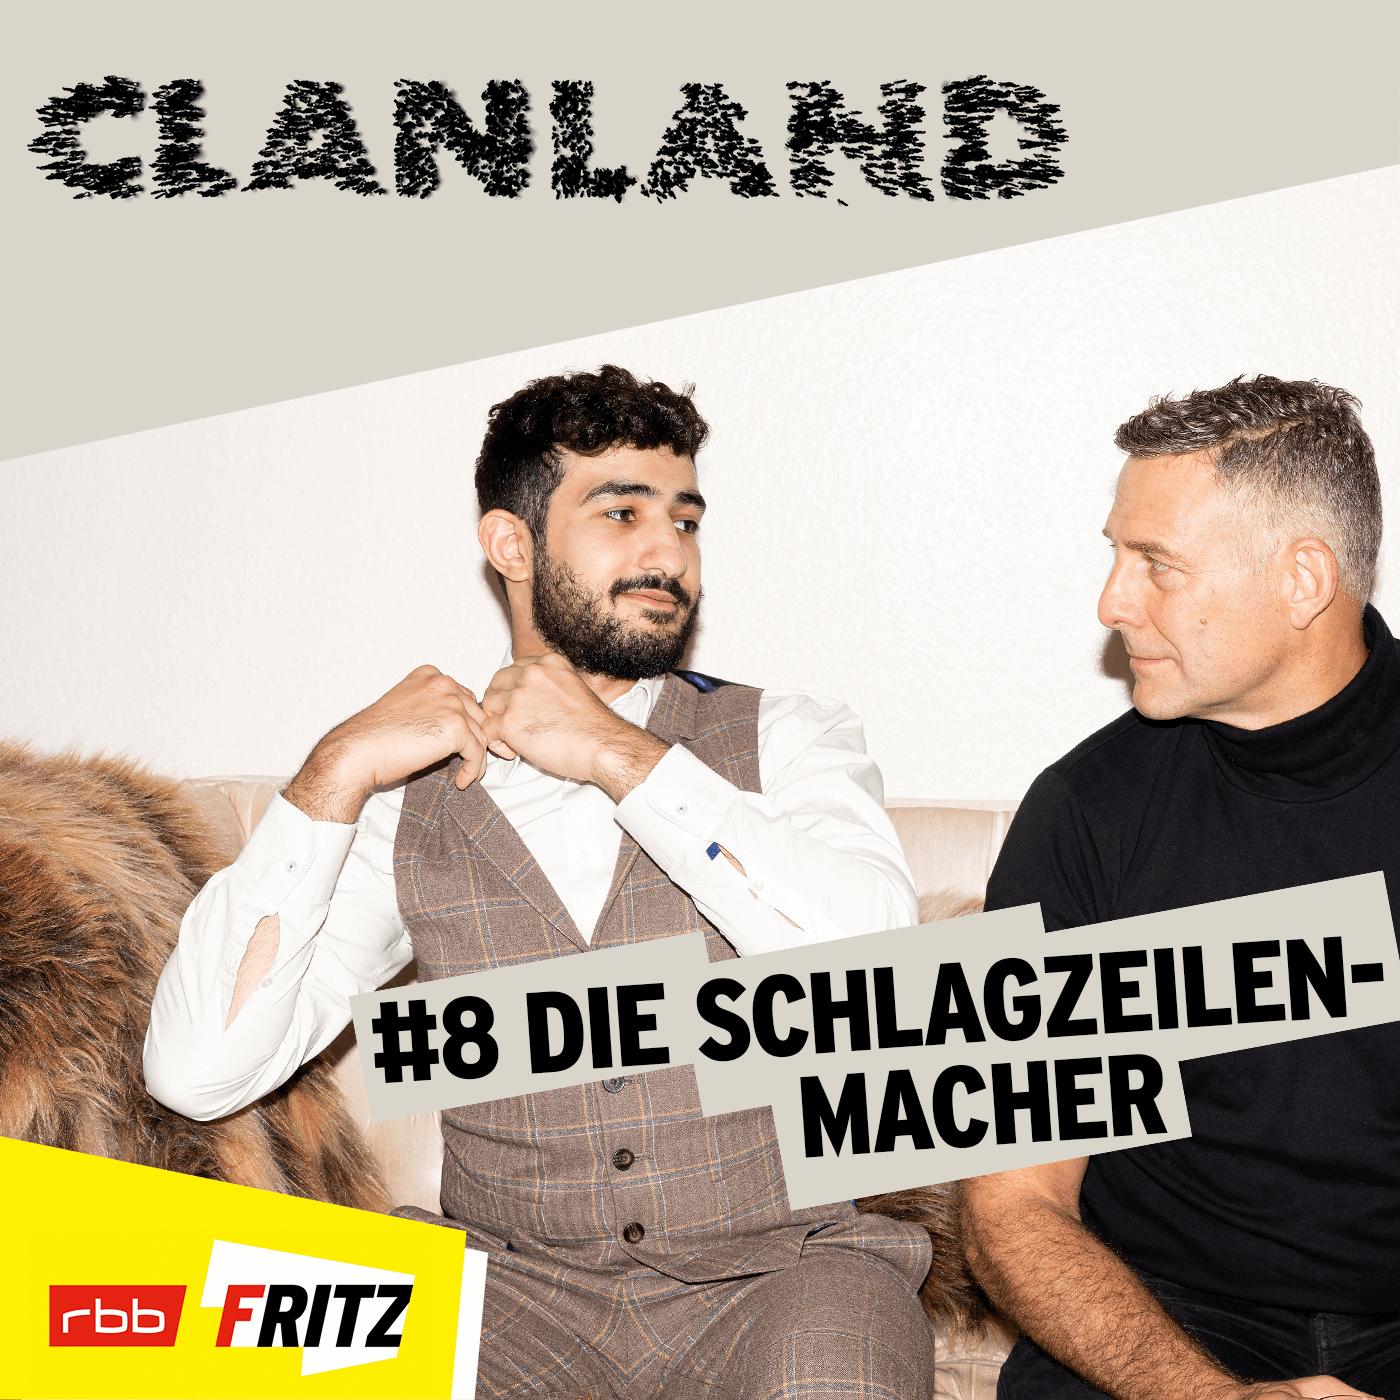 Die Schlagzeilen-Macher (8/12) | Clanland